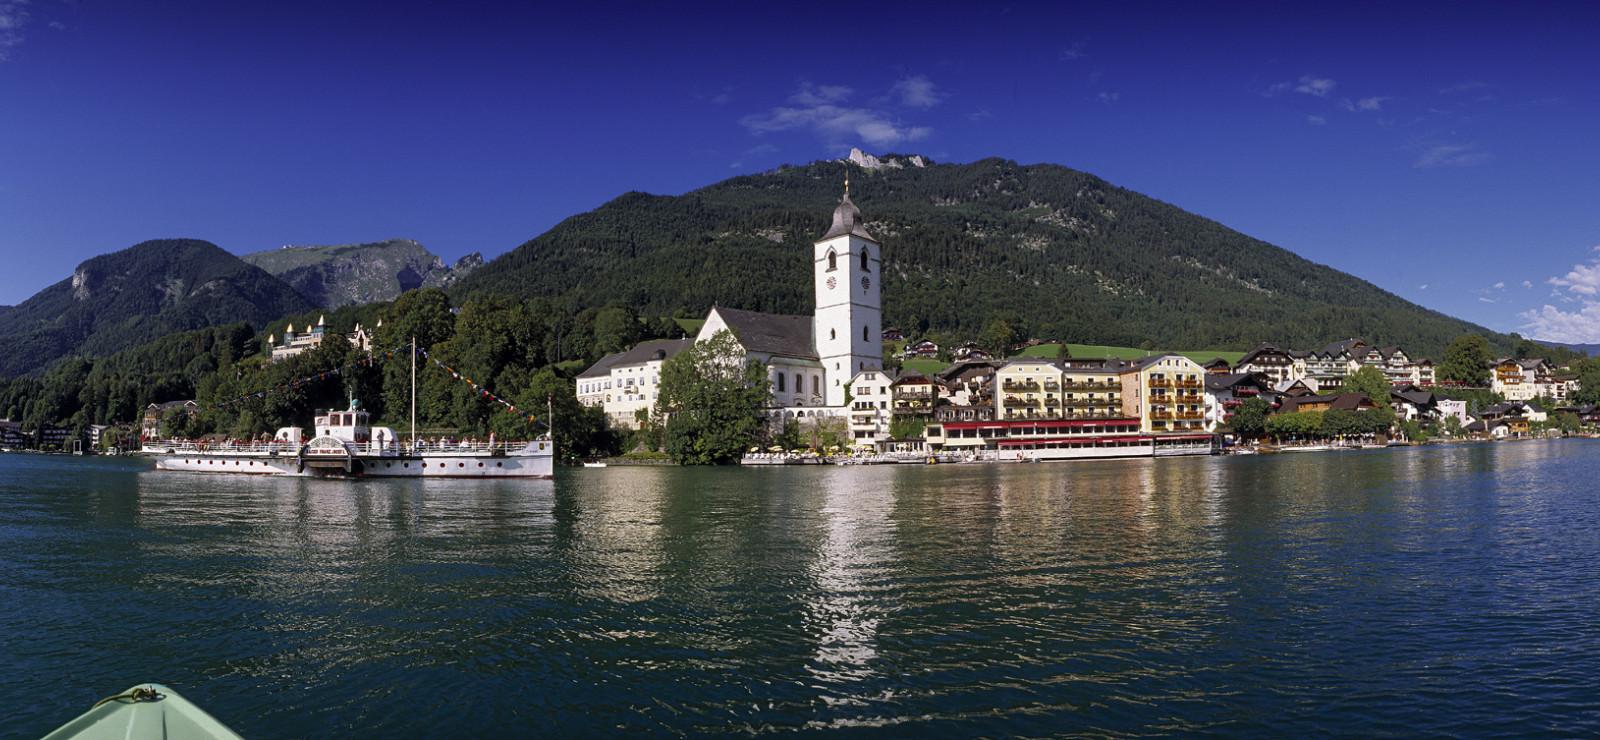 Romantik Hotel Im Weissen Rössl Bilder | Bild 1